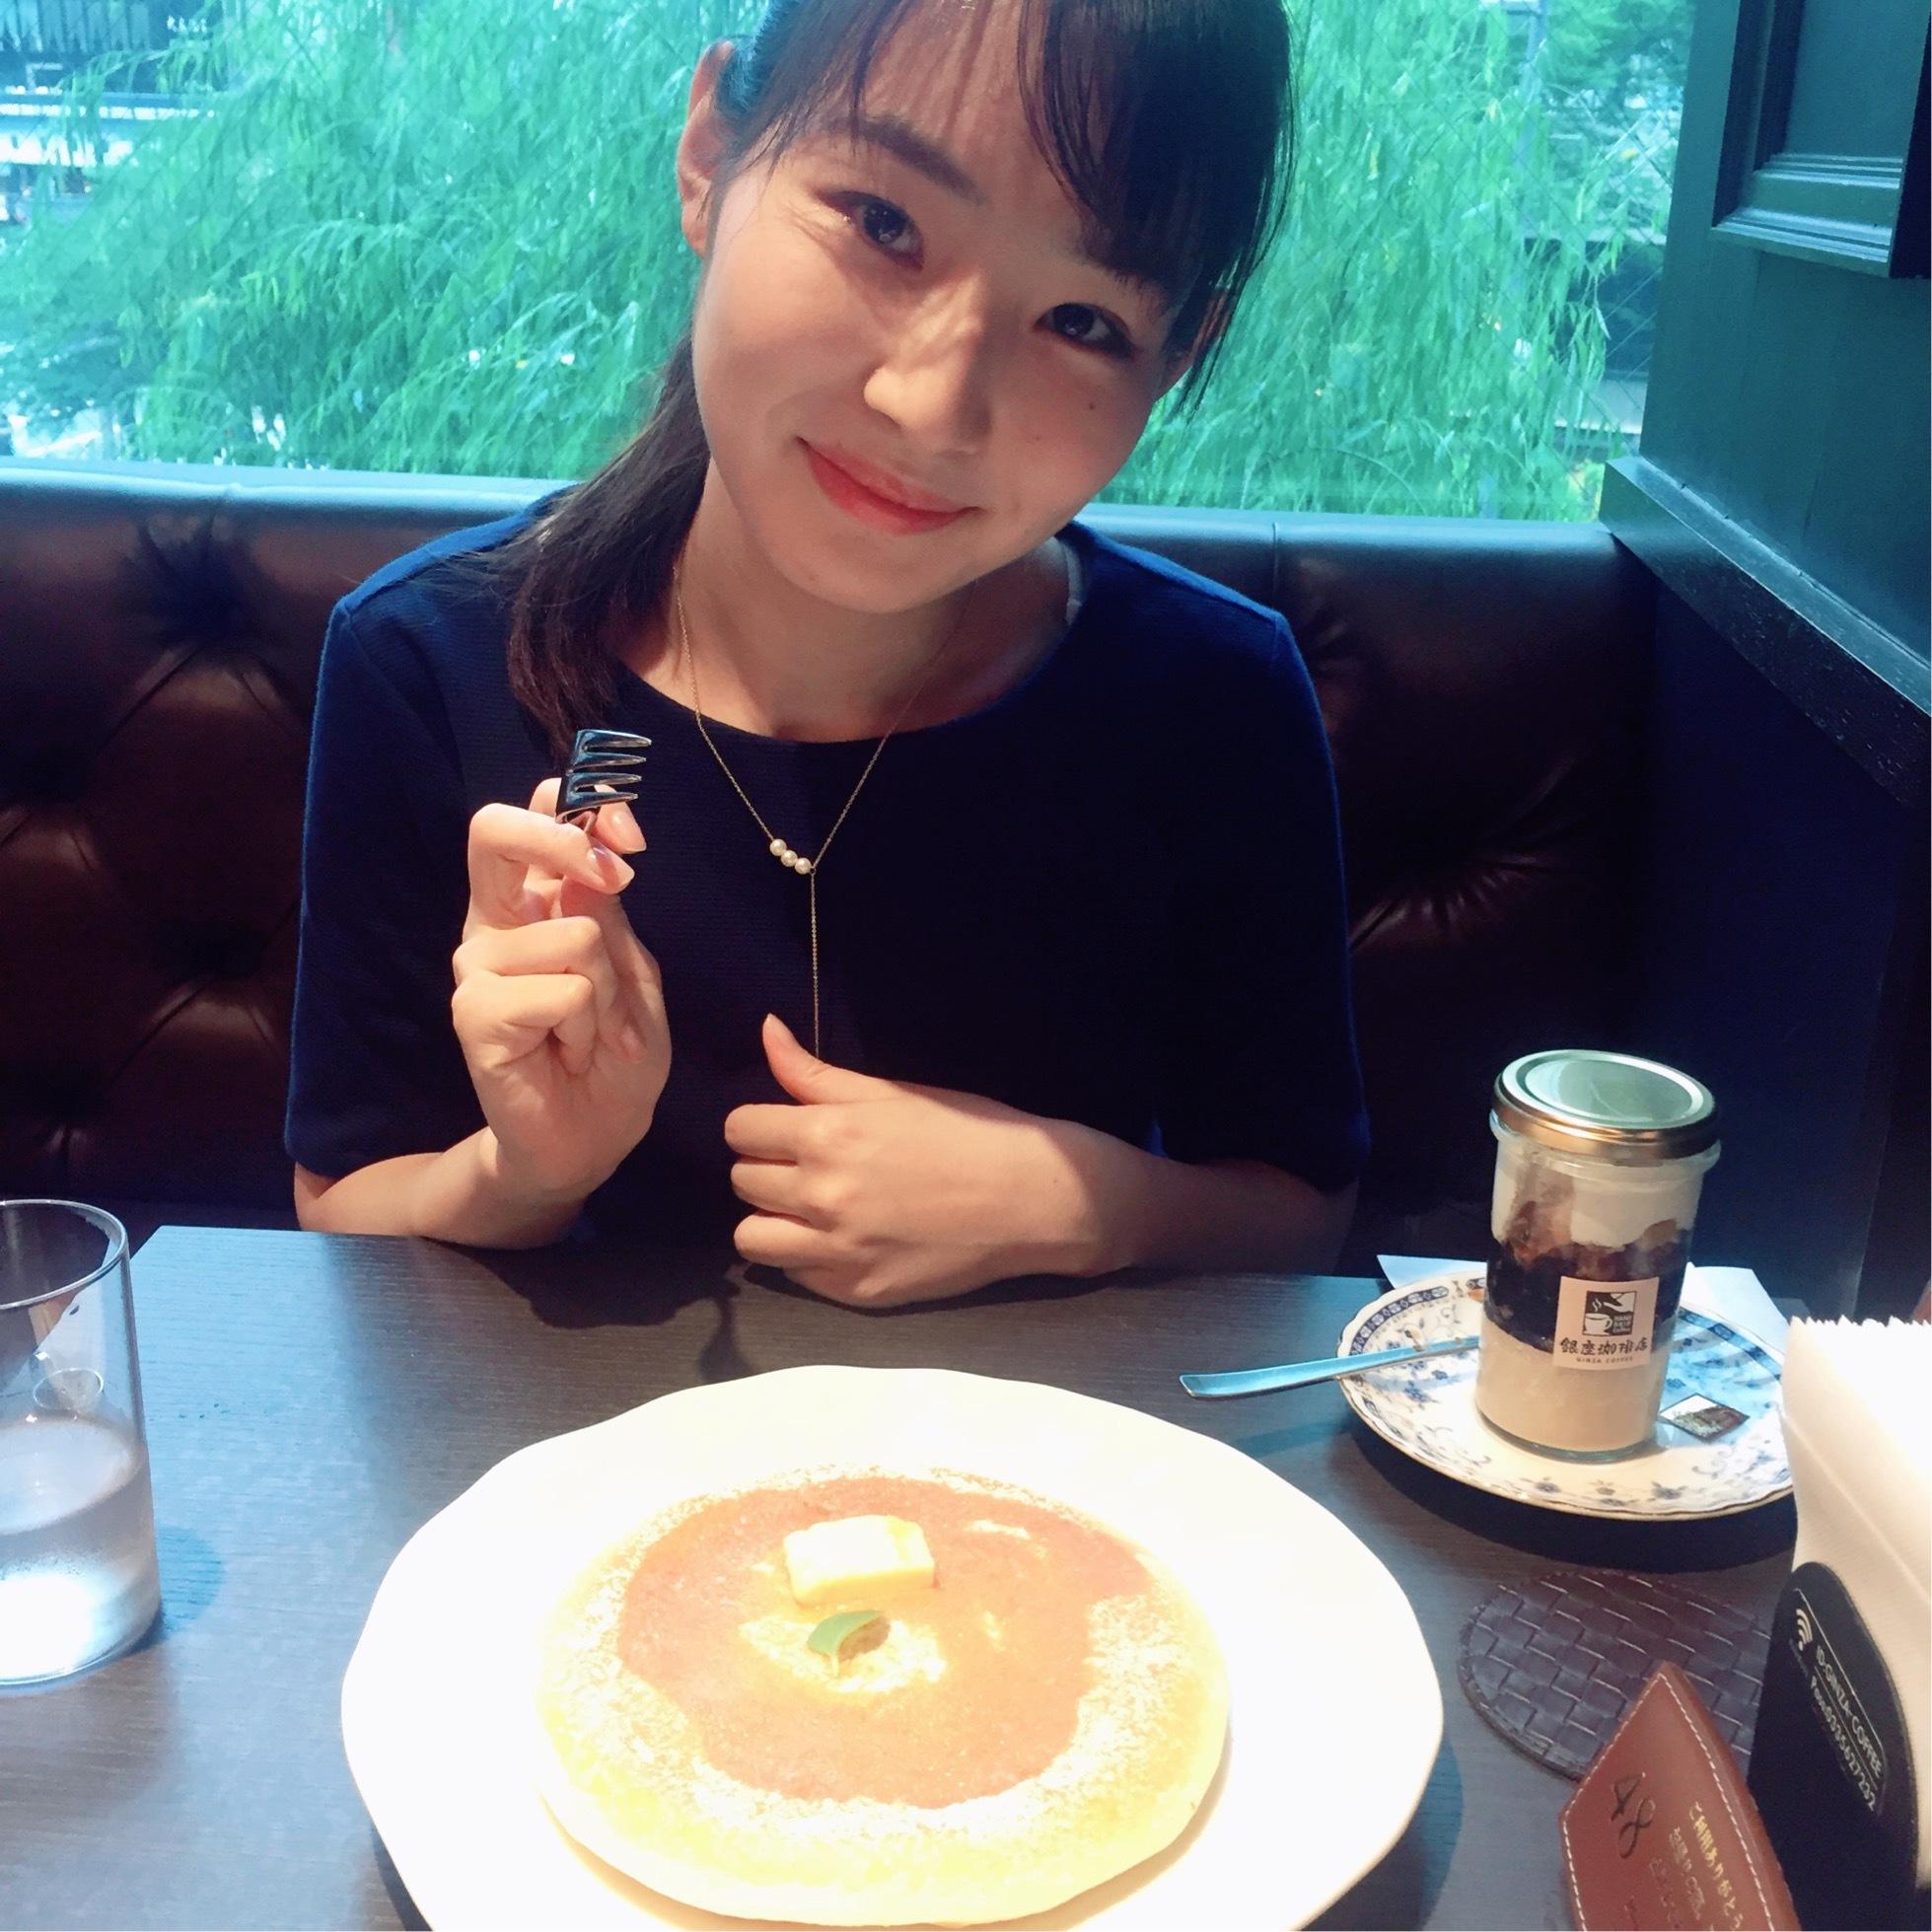 銀座の昔ながらの喫茶店♪【パンケーキ】_1_1-1